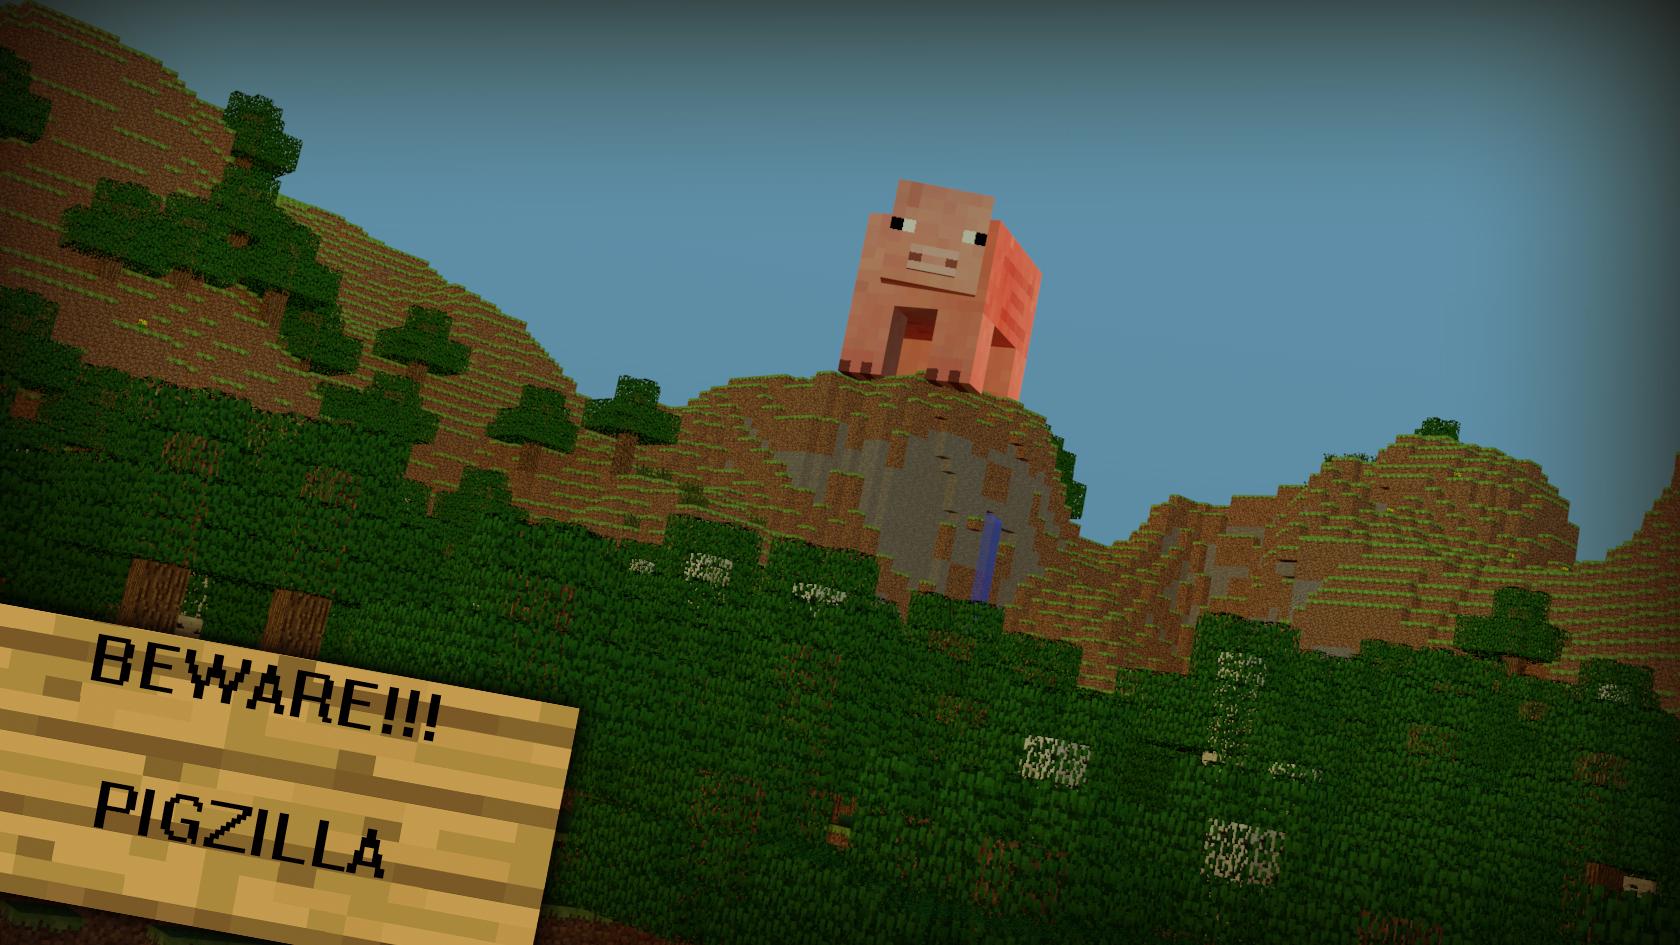 minecraft wallpaper 1 pigzilla by rwwpl on deviantart